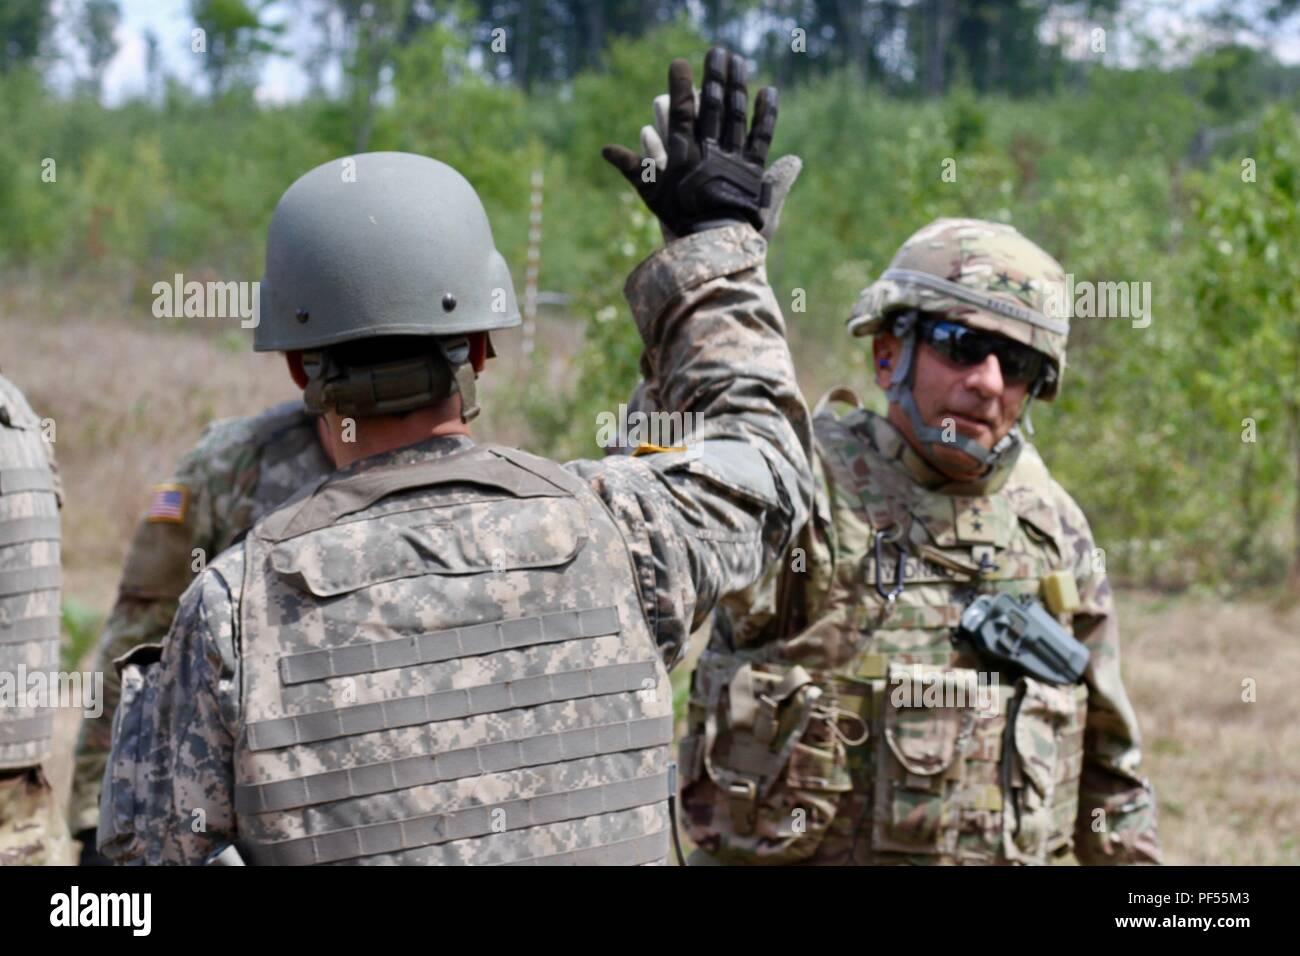 CAMP ÄSCHE, Mich - Generalmajor Gregory J. Vadnais, der Adjutant General und Leiter des Militärischen und Veterans Affairs für die Michigan National Guard, high-fives ein Soldat von der Batterie EIN, 1.BATAILLON, 103 Field Artillery Regiment, Rhode-Island Army National Guard, nach dem Brennen die M777 Haubitze, Aug 9, 2018 in Camp Äsche, mich Vadnais besucht Rhode Island National Guard Soldaten aus der 103 FA Teilnahme an Northern Strike eine gemeinsame, multinationalen, kombinierte Waffen live fire Übung im Camp Äsche, Michigan (USA Army National Guard Foto von 1 Sgt. Sara Robinson) Stockbild